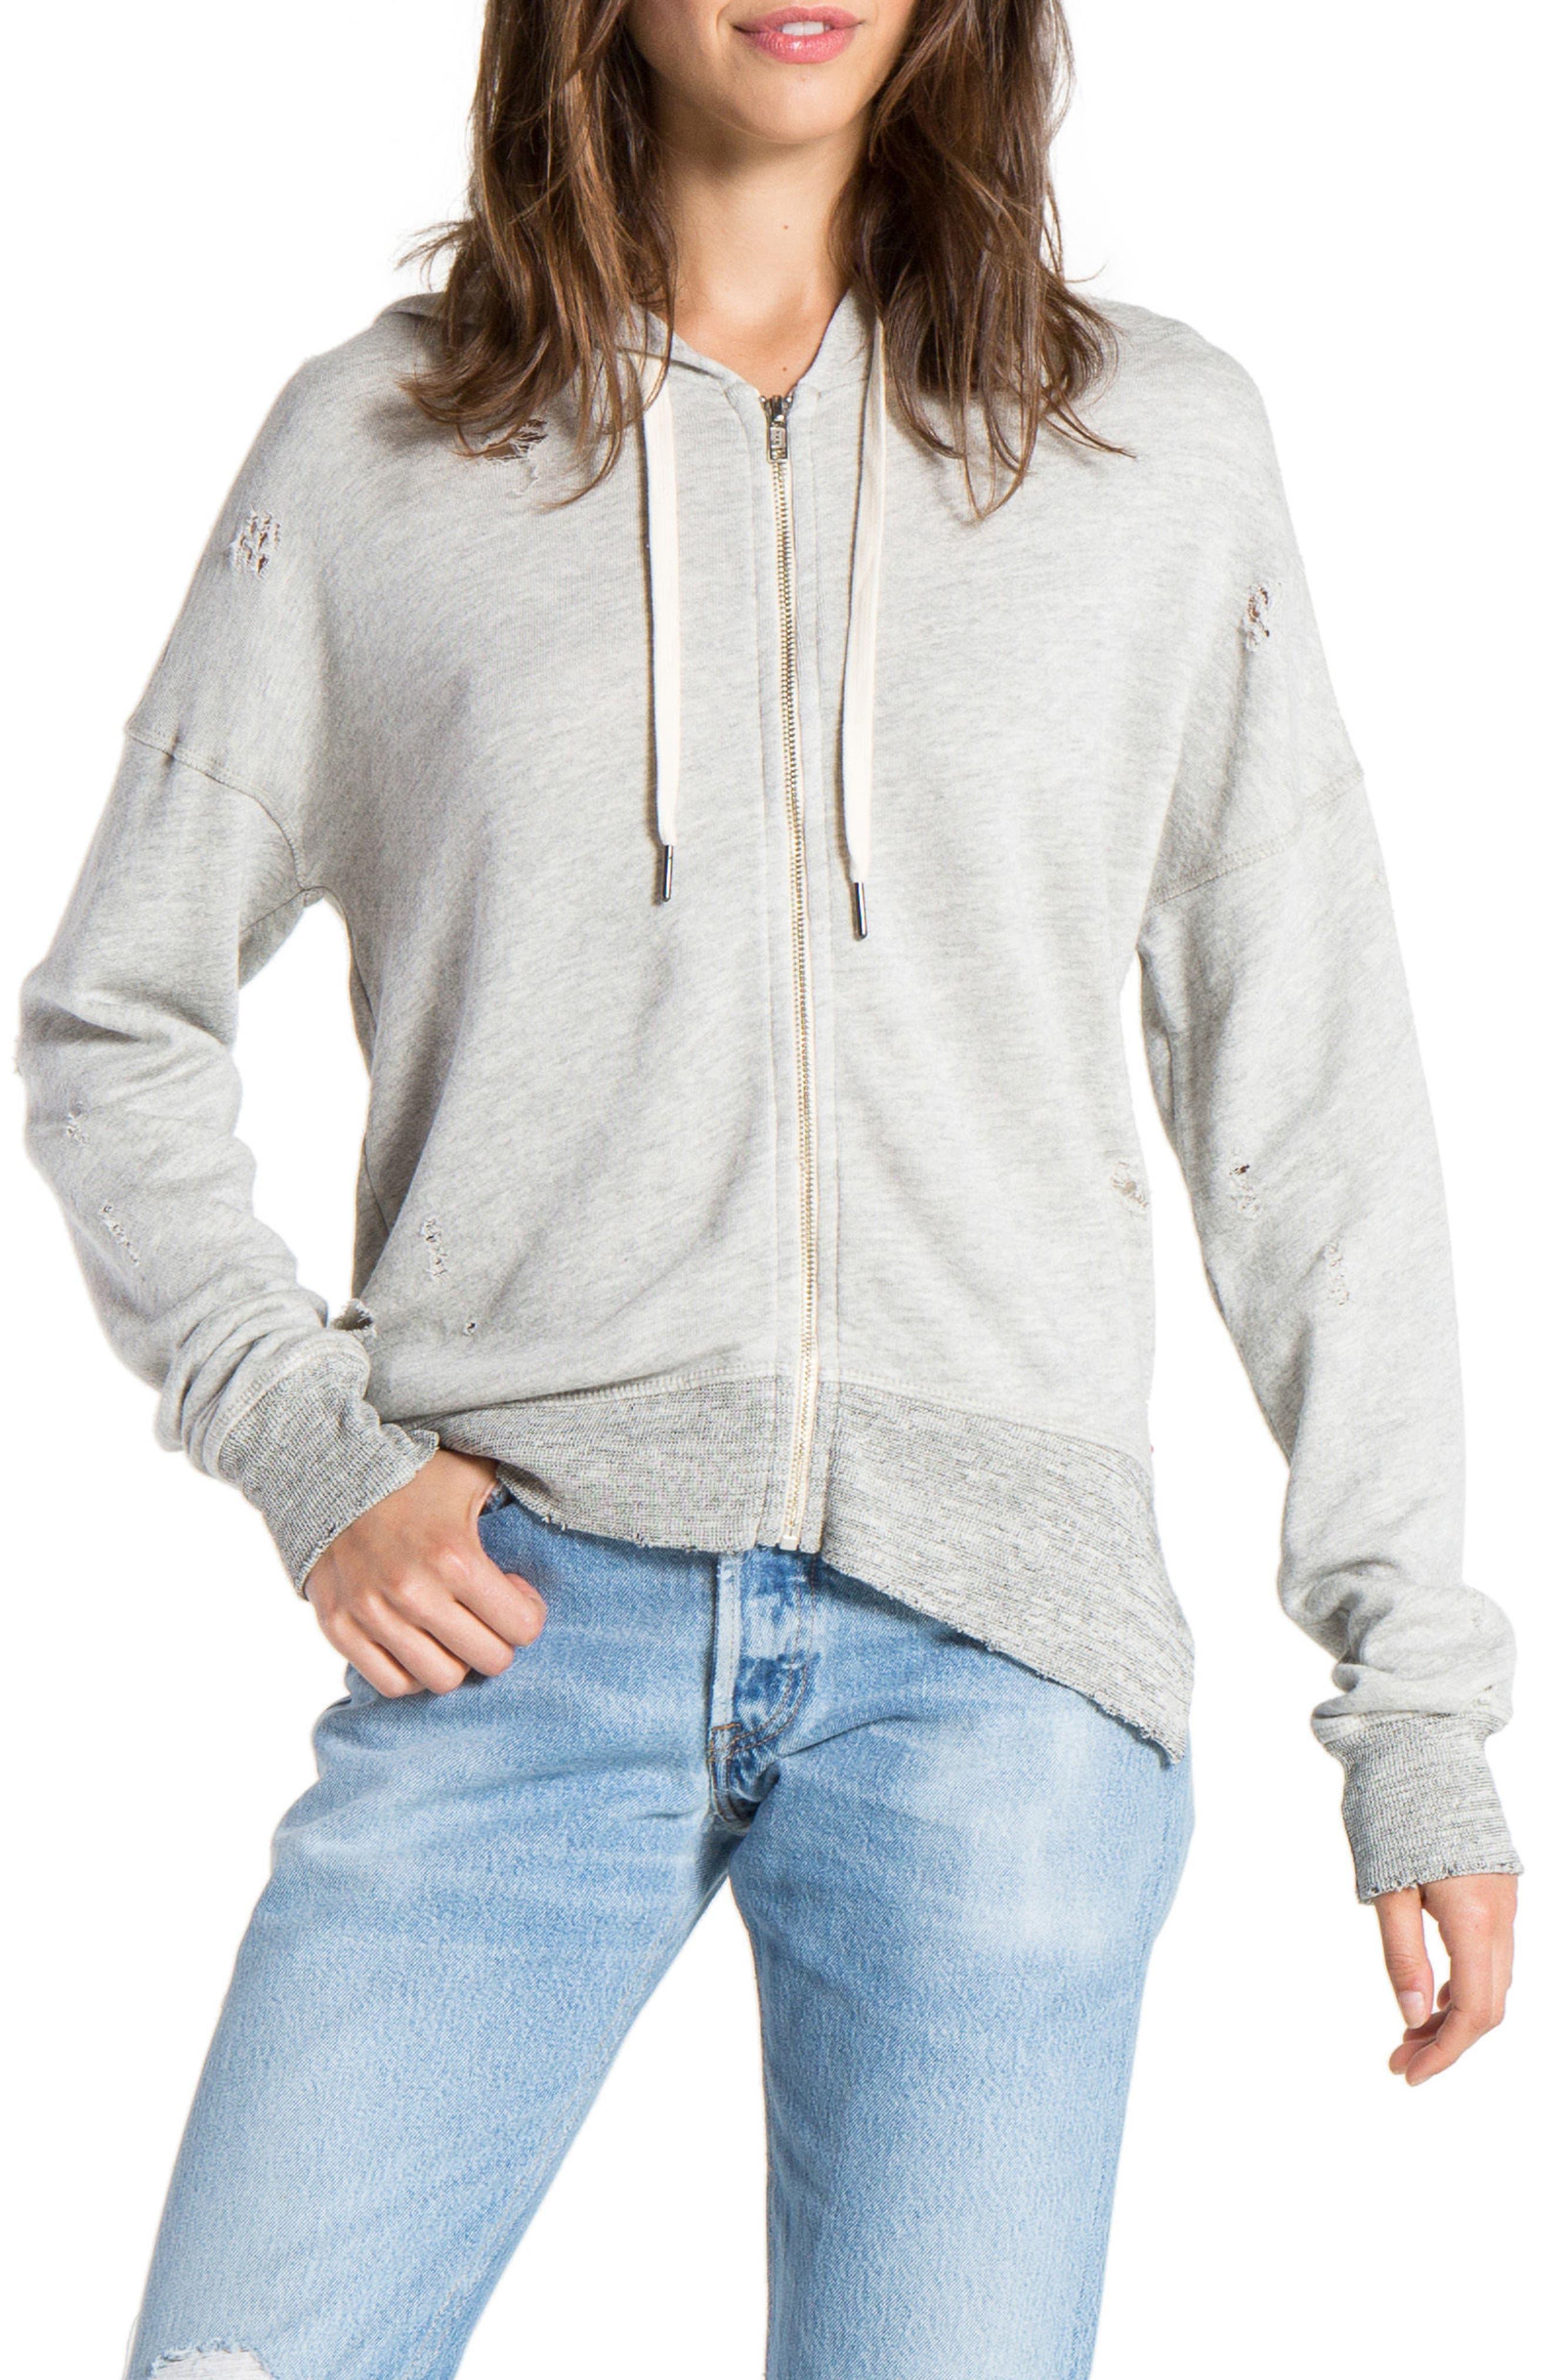 Main Image - n: PHILANTHROPY Distressed Hooded Sweatshirt